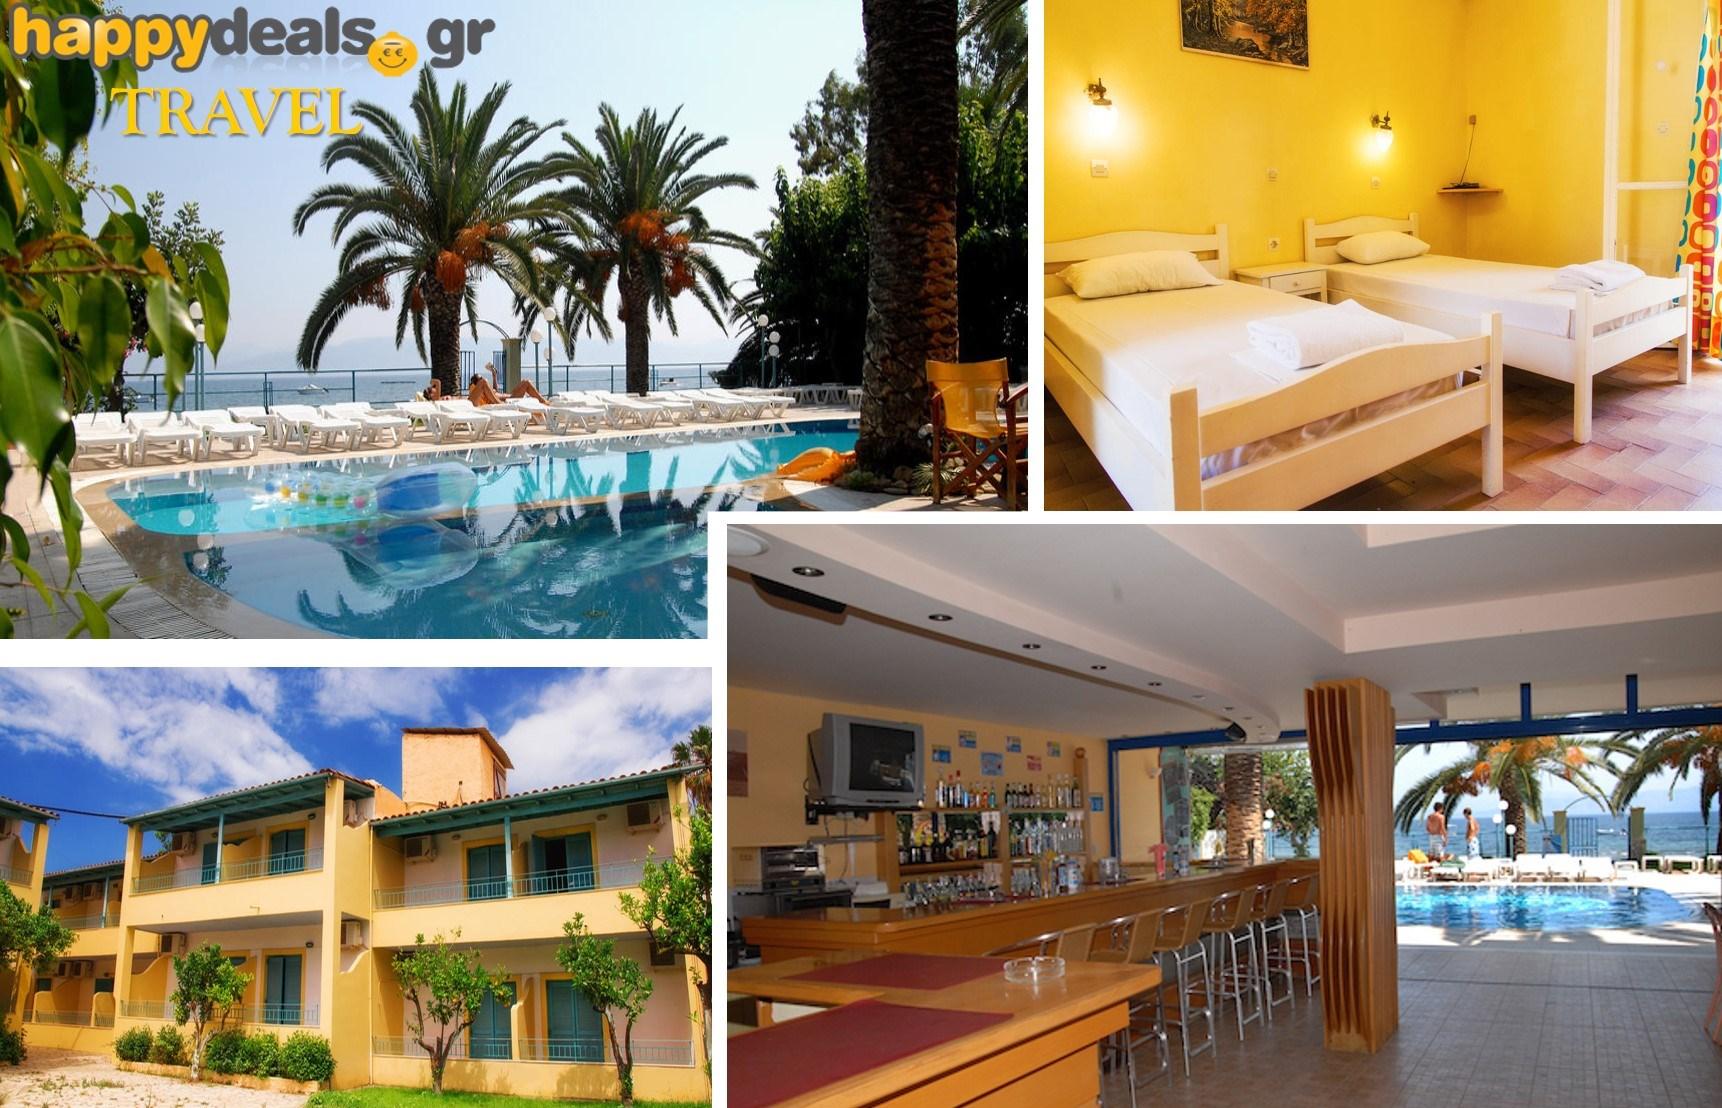 Διακοπές στην ΚΕΡΚΥΡΑ: Από 49€ για 5ήμερη απόδραση στο παραθαλάσσιο ξενοδοχείο ''Roussos Studios'', στον Κάβο εικόνα